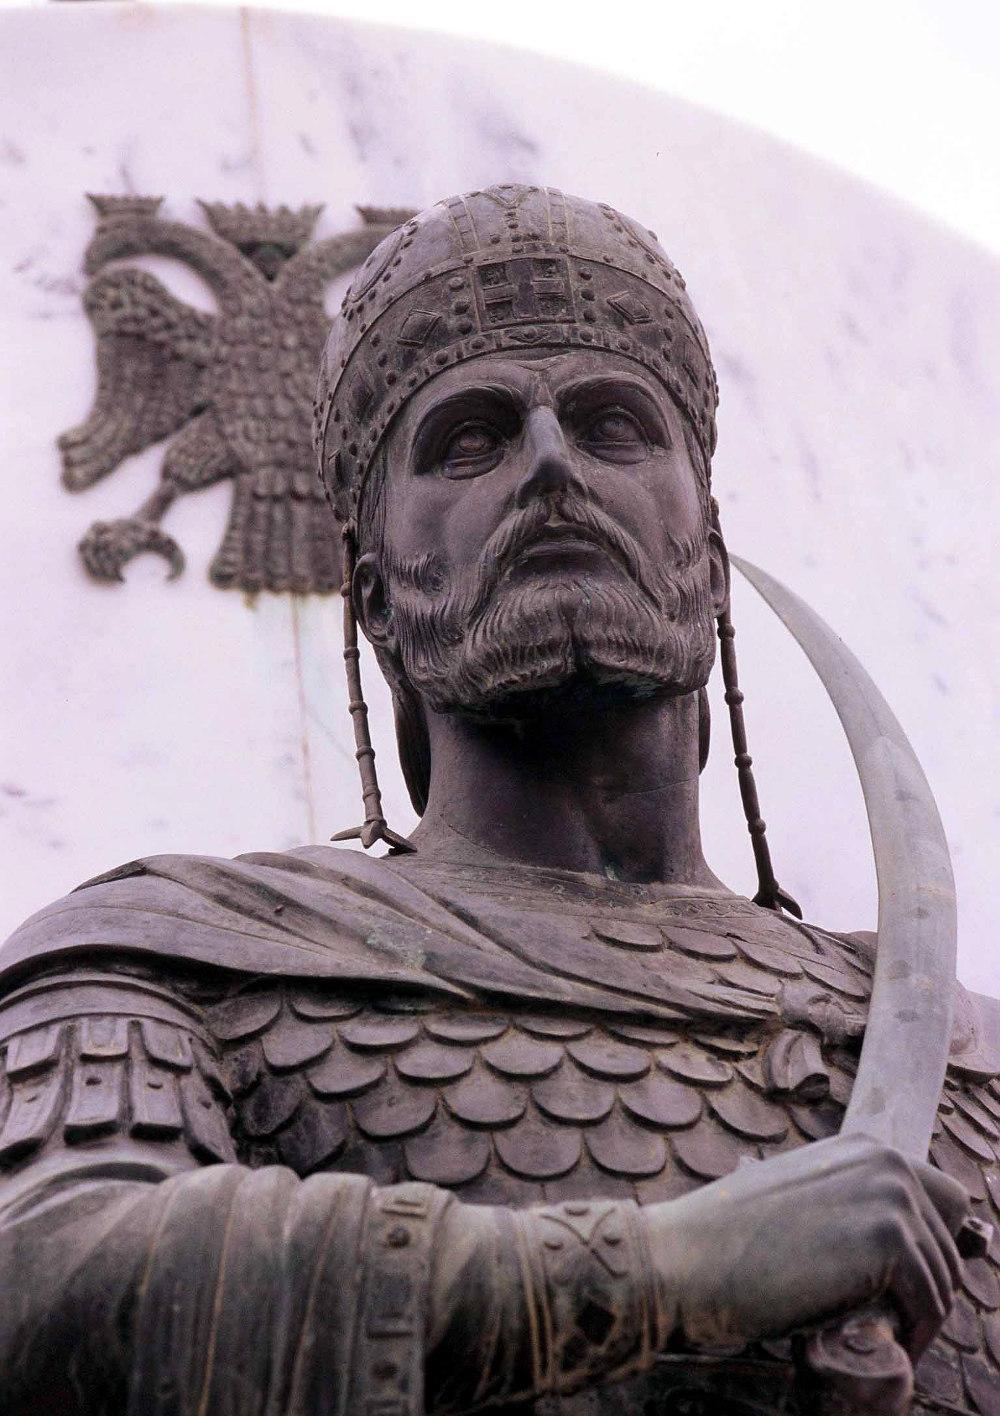 Το άγαλμα του Κωνσταντίνου Παλαιολόγου στη Λακωνία